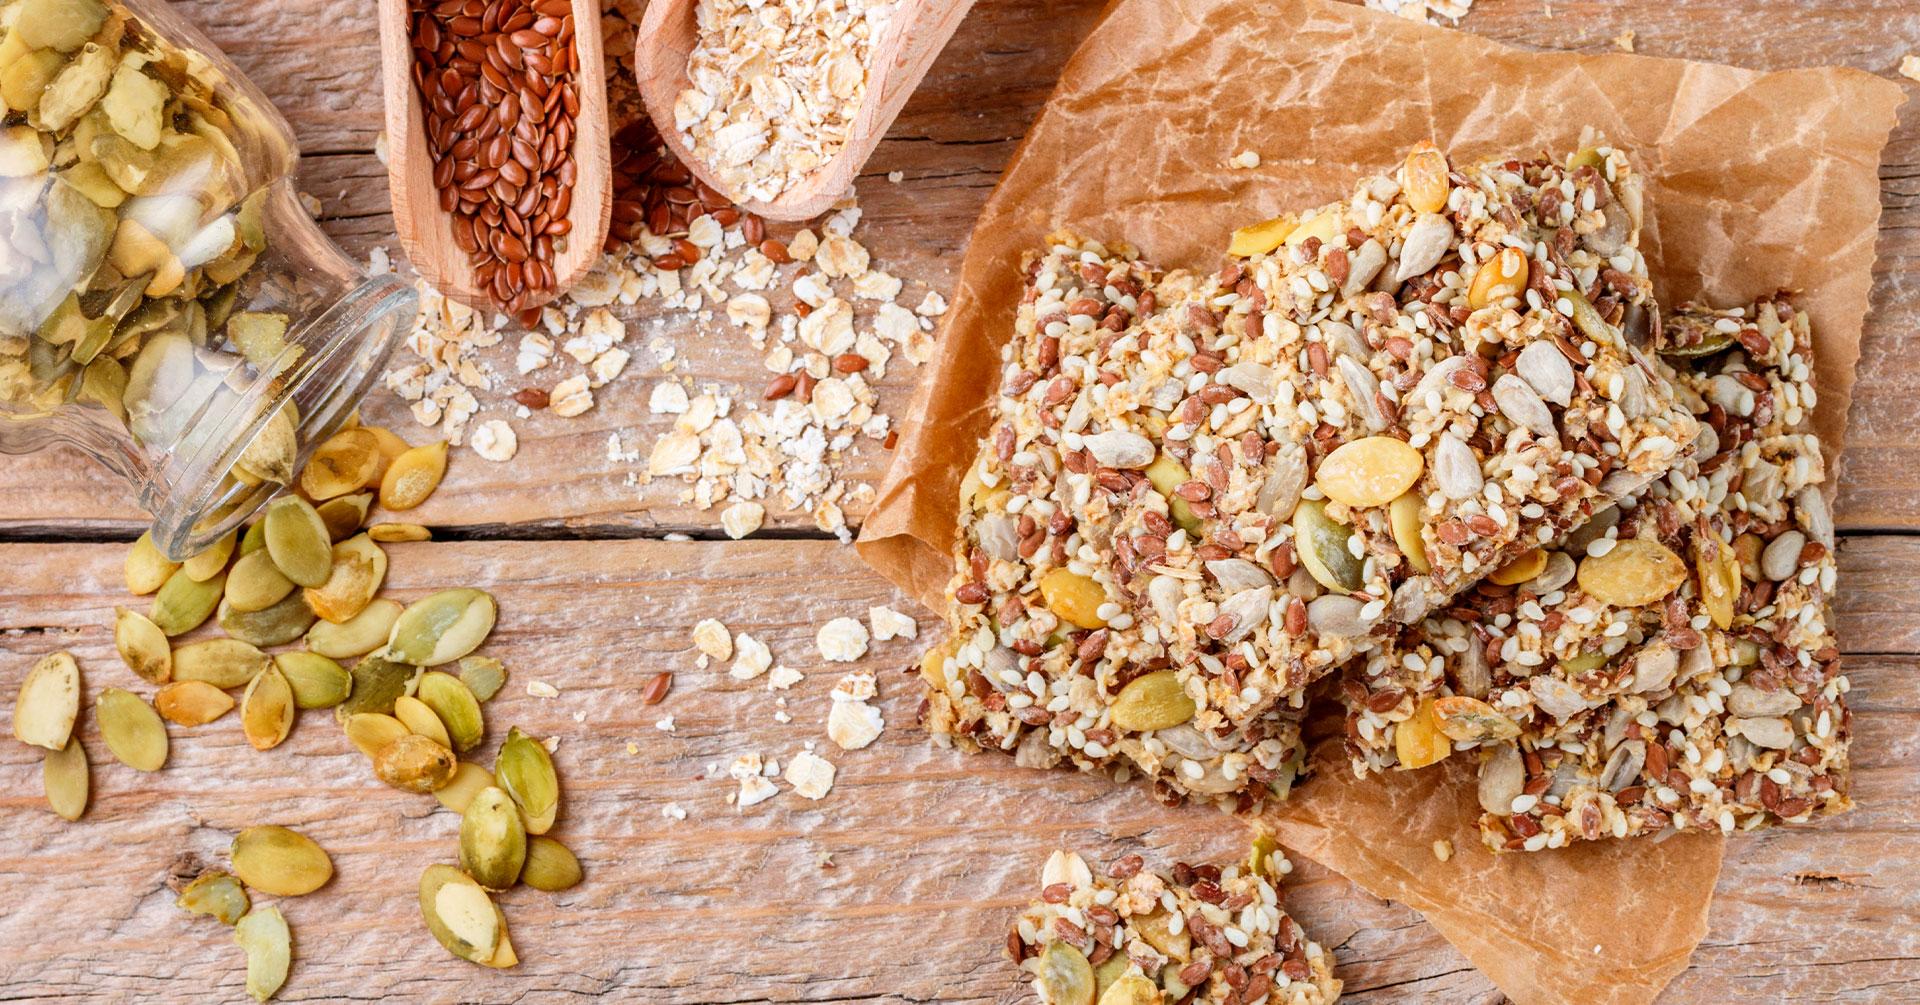 Galletas crujientes de semillas y avena